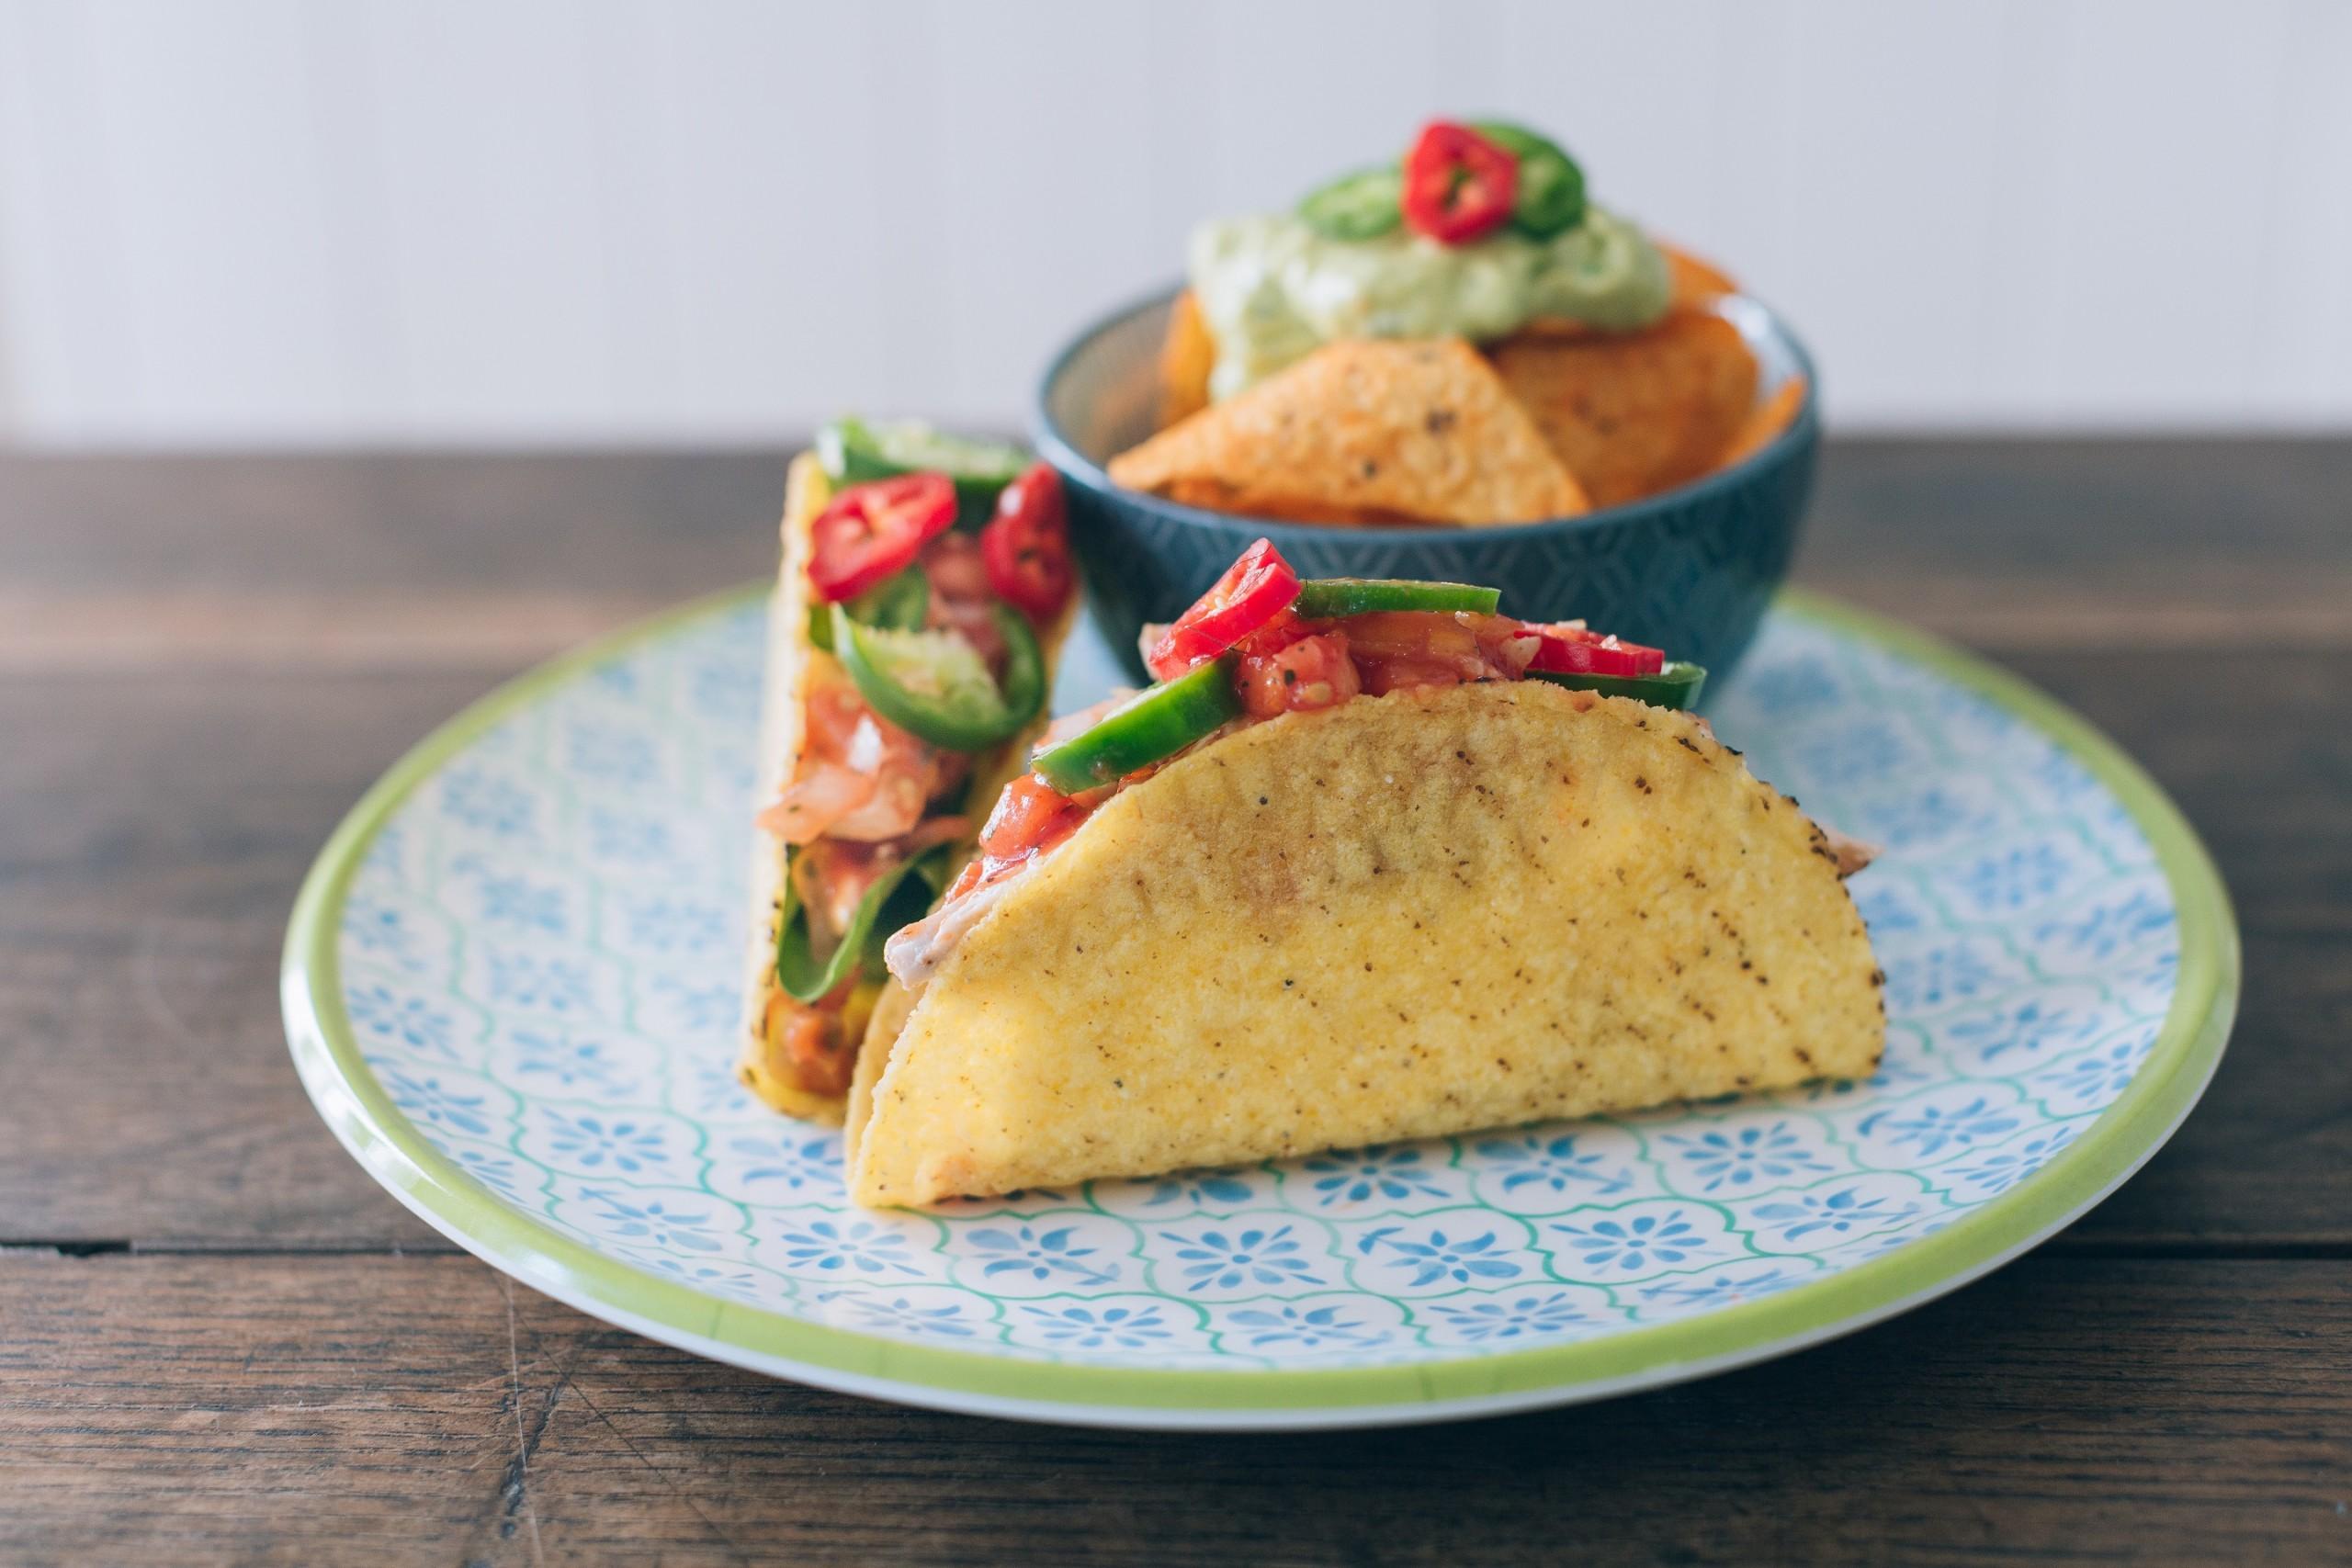 Tacos Taco Day 2020